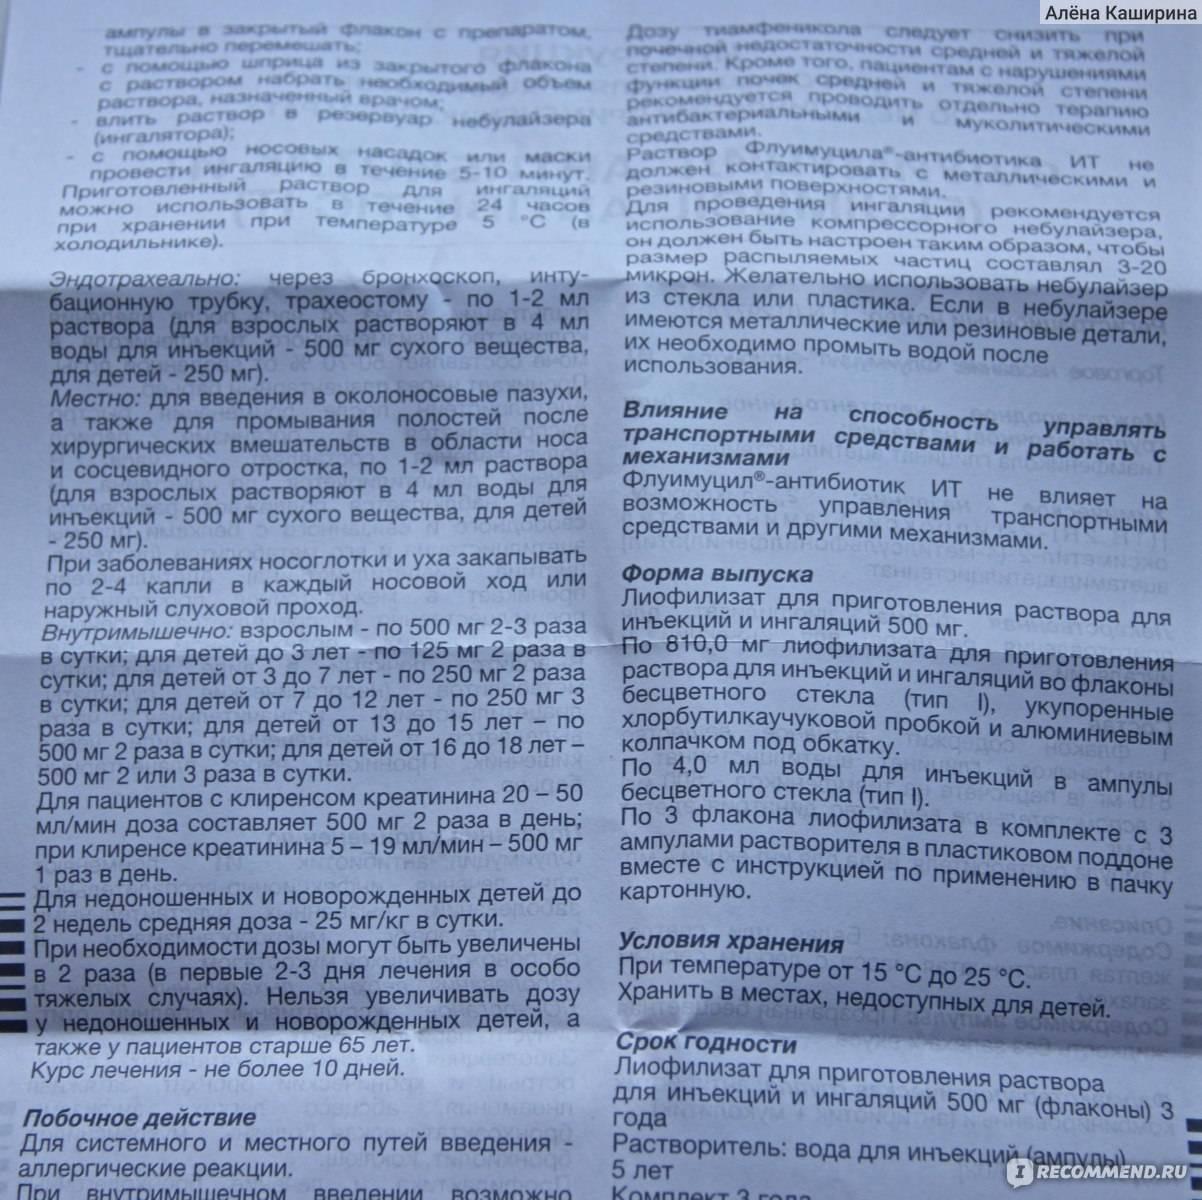 Флуимуцил для ингаляций: инструкция по применению антибиотика для детей